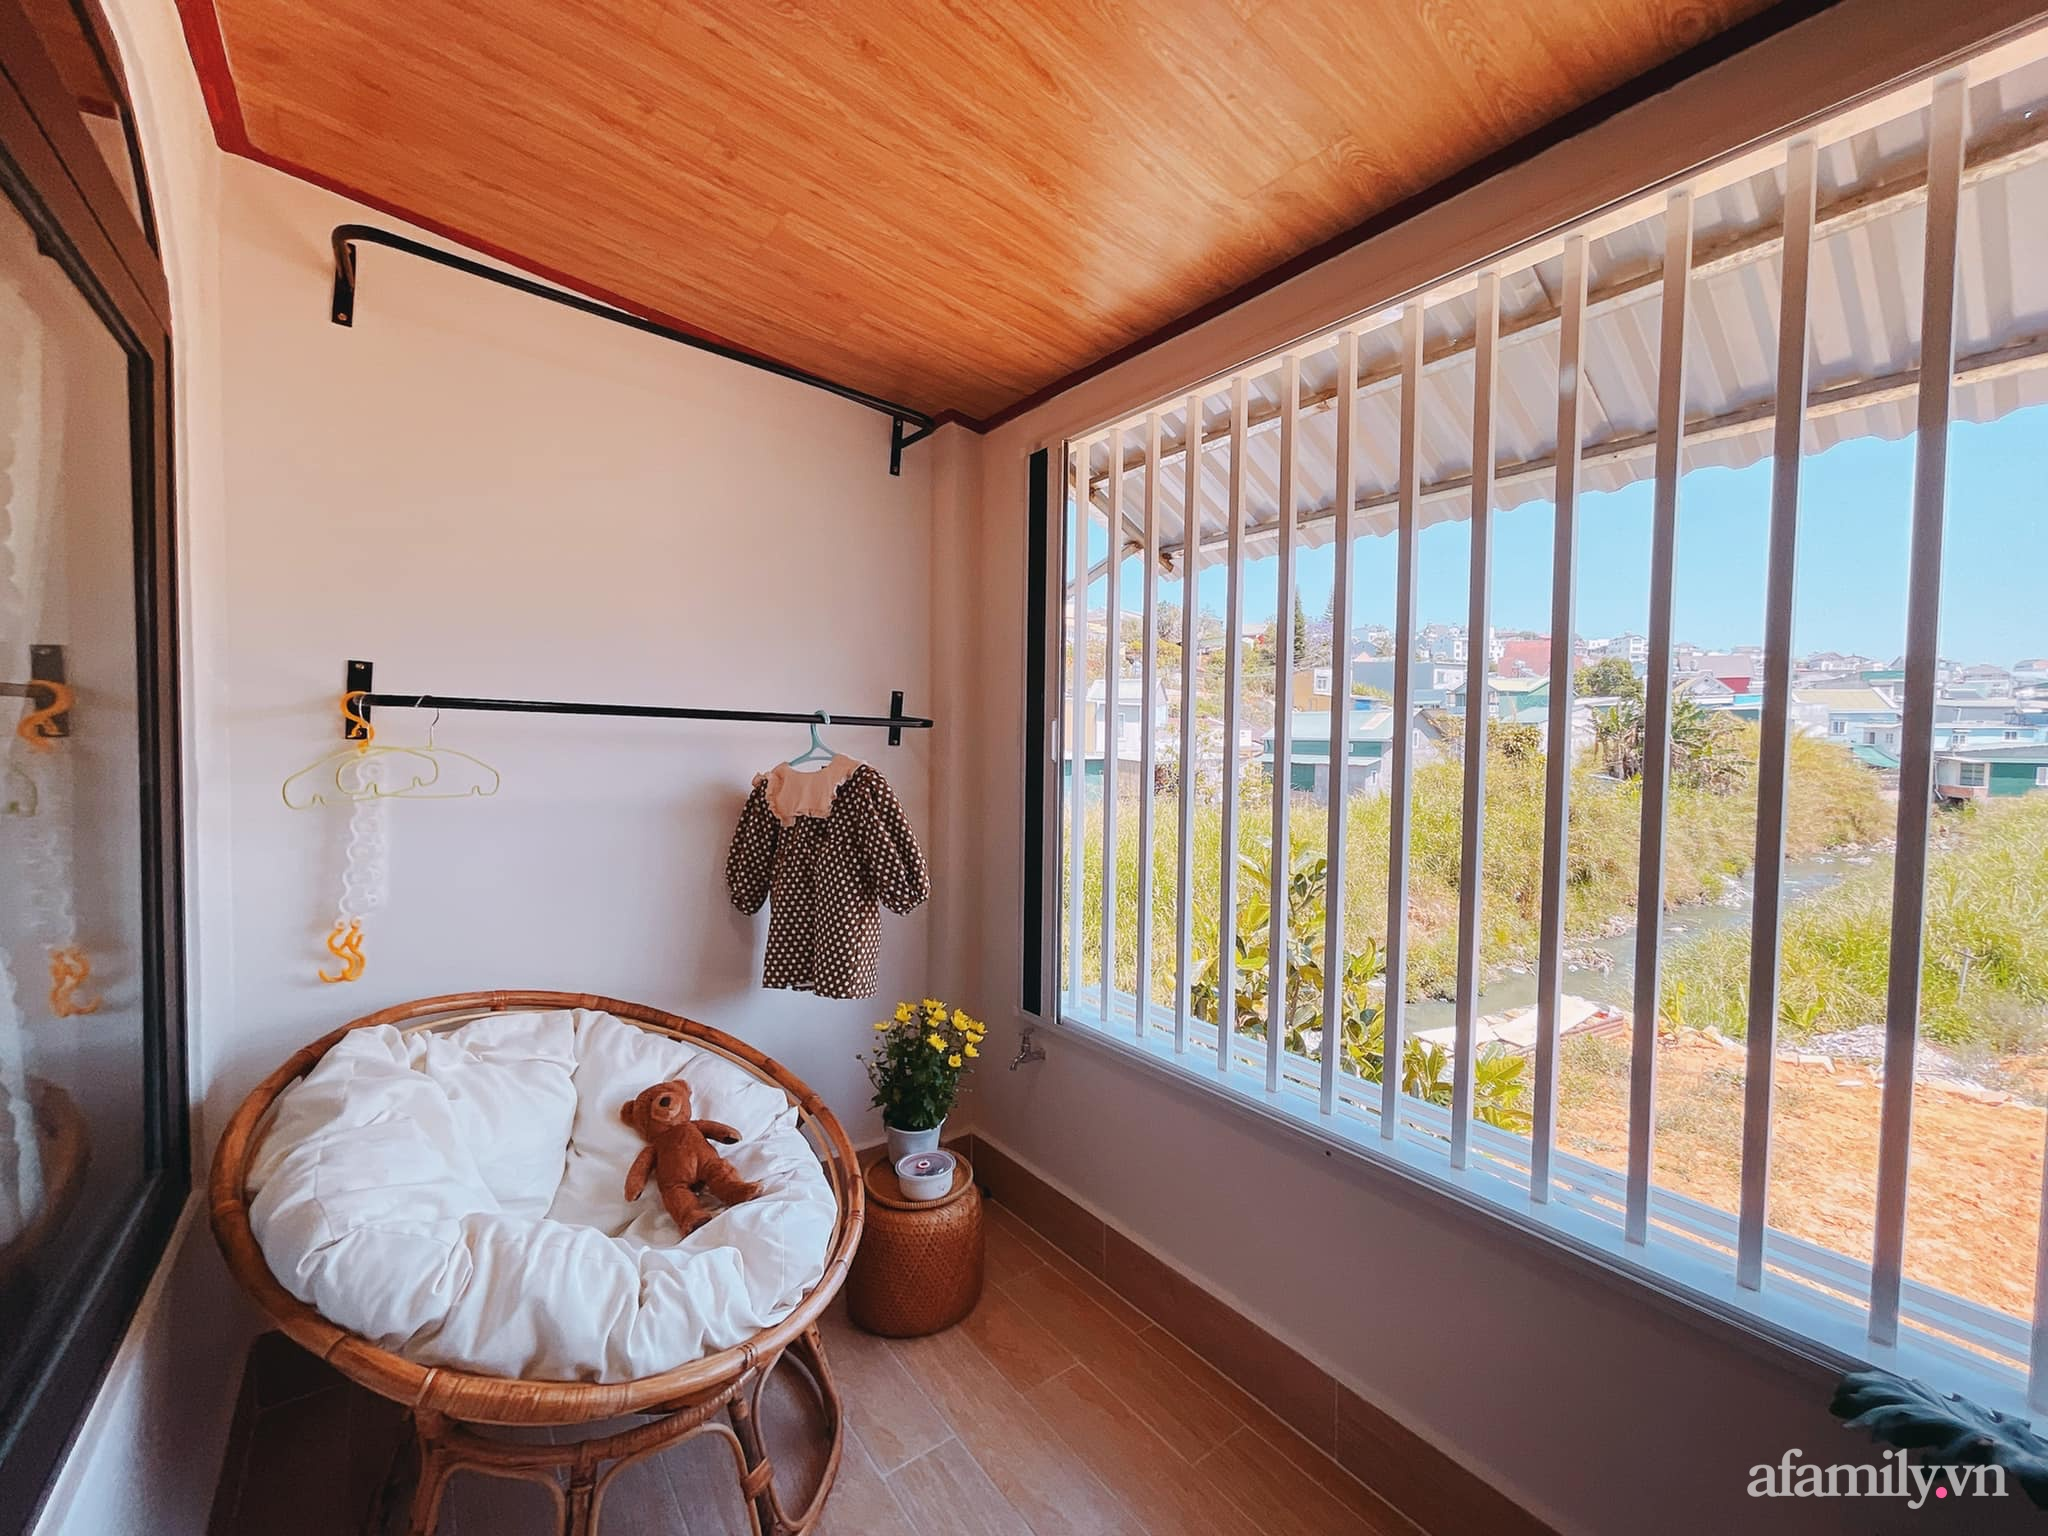 Mua lại căn nhà 63m², cặp vợ chồng trẻ cải tạo thành không gian sống ấm cúng, tiện nghi đủ đường ở Đà Lạt - Ảnh 22.